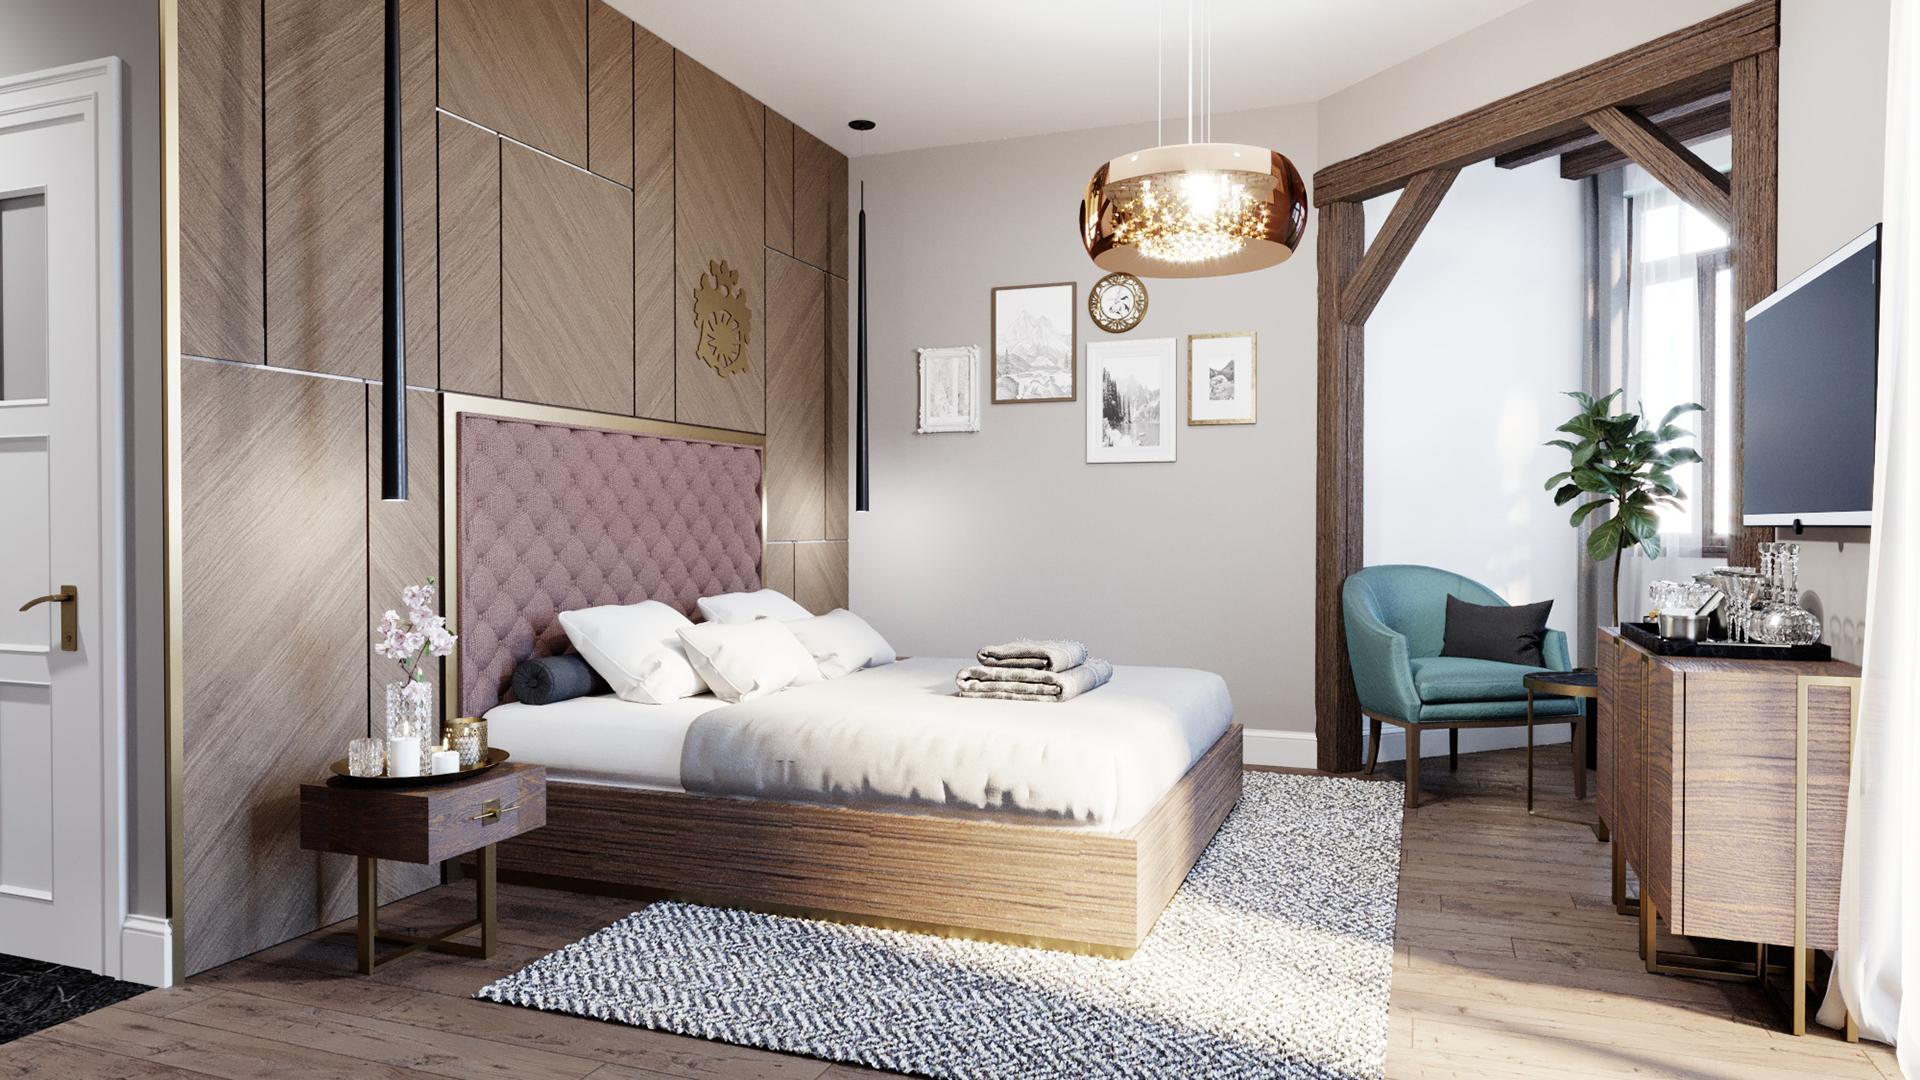 Projekt wnętrza pokoju w hotelu uwzględniający historyczny charakter rezydencji oraz najnowsze trendy we wnętrzach.